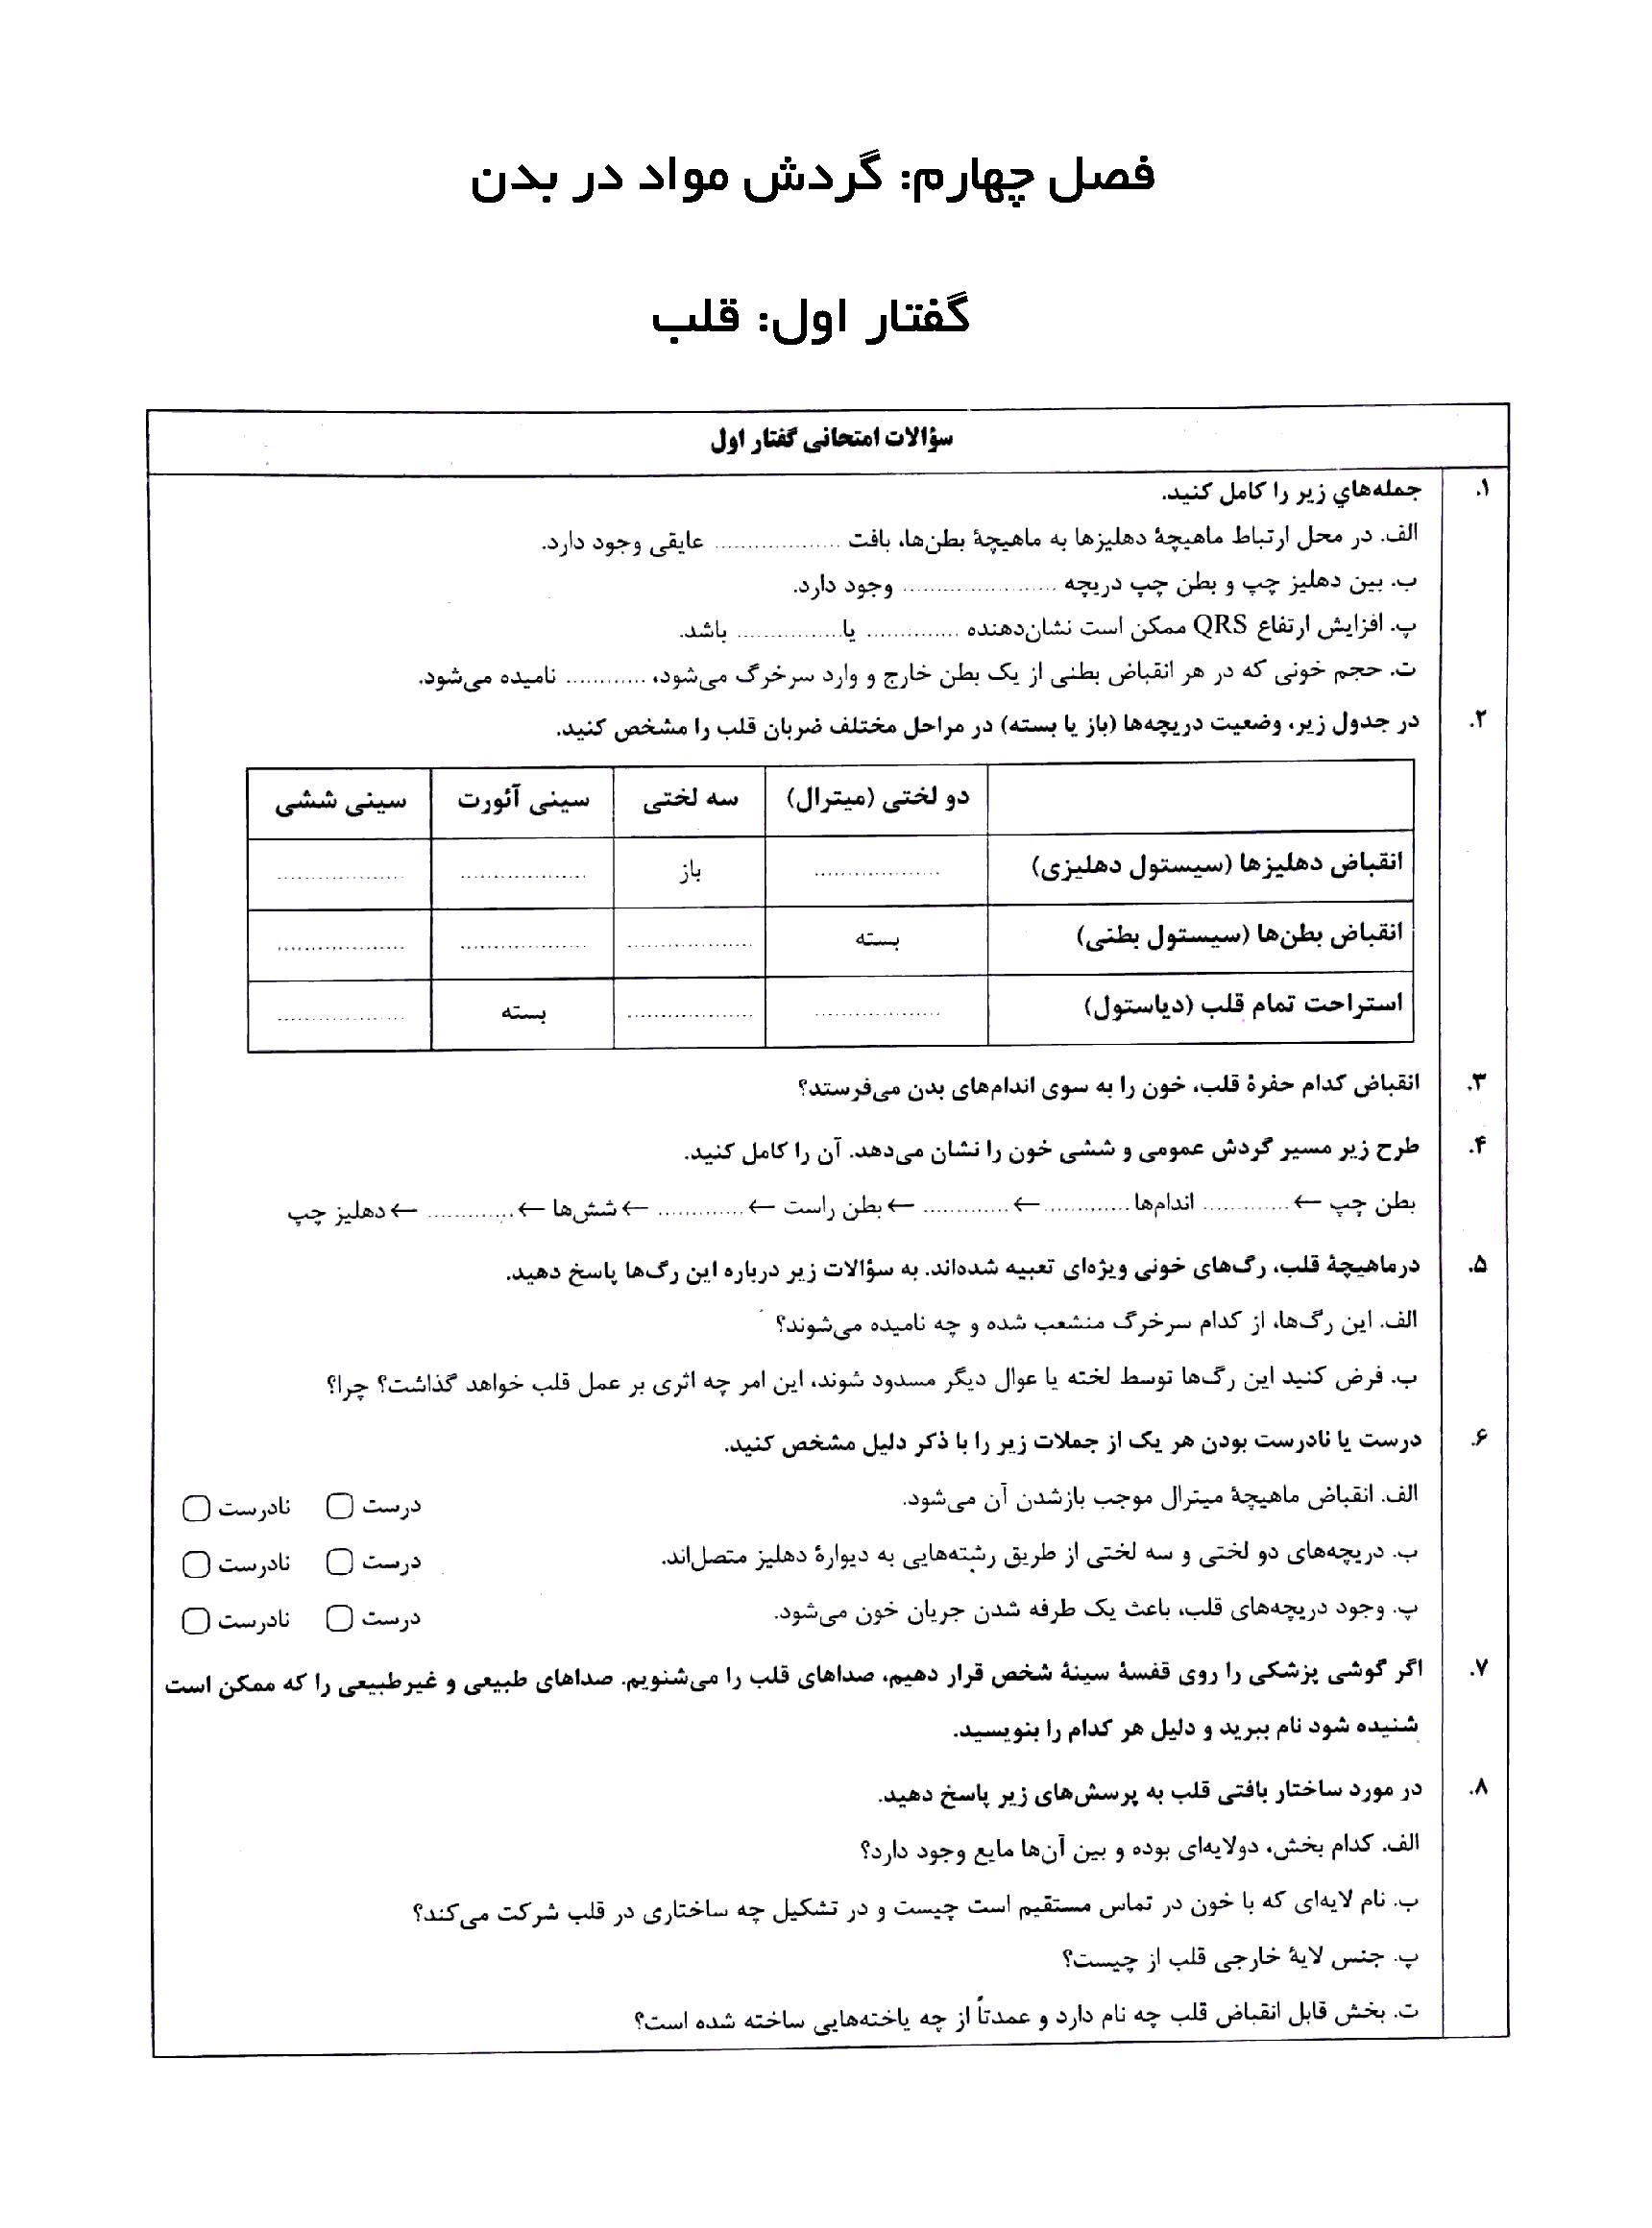 سوالات امتحانی زیست شناسی (1) دهم با جواب | فصل 4: گردش مواد در بدن (گفتار 1 تا 4)